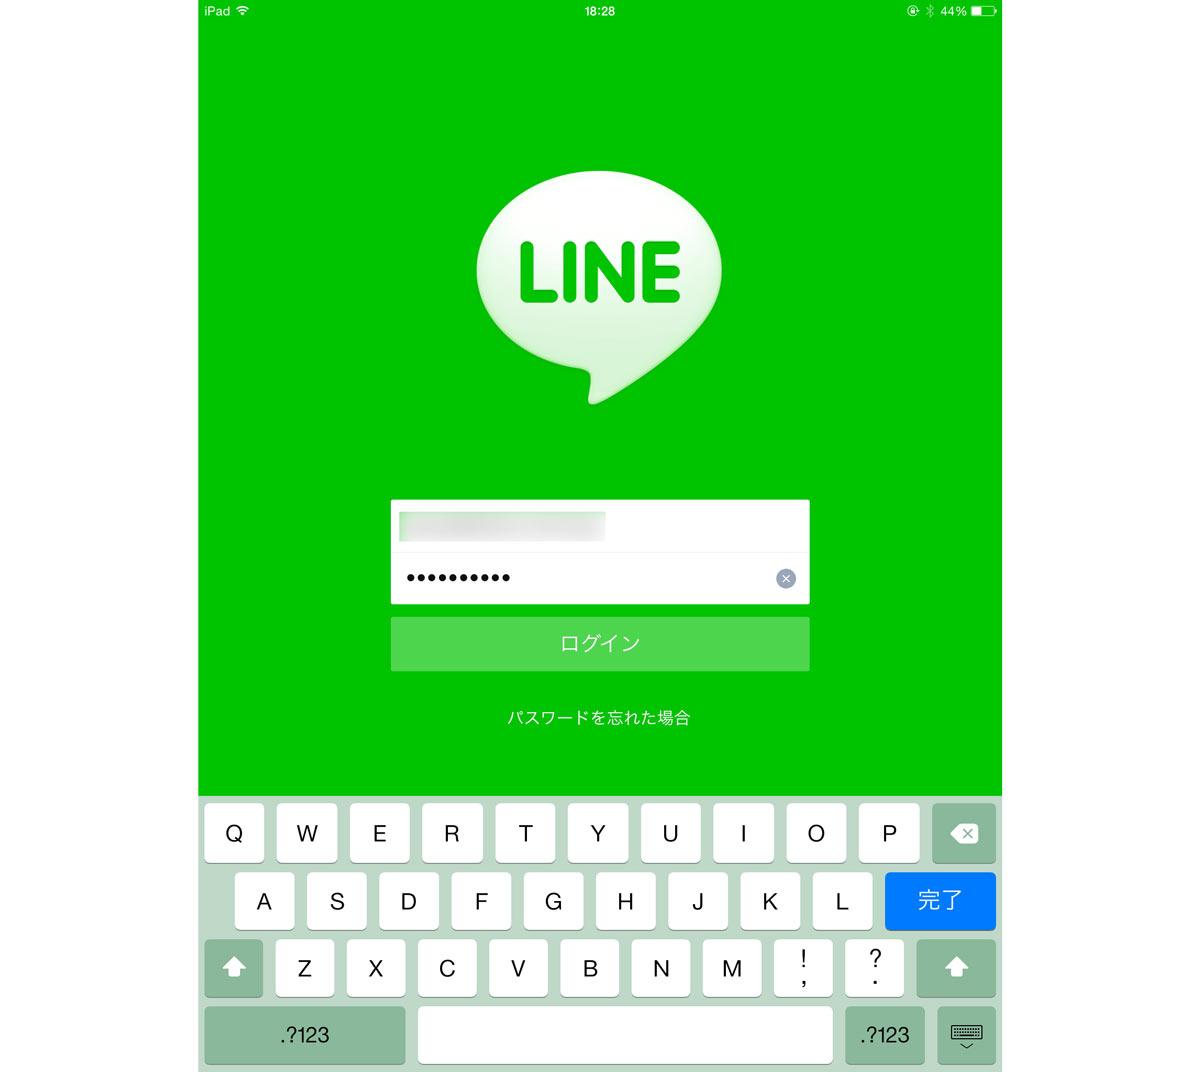 LINE for ipad ログイン